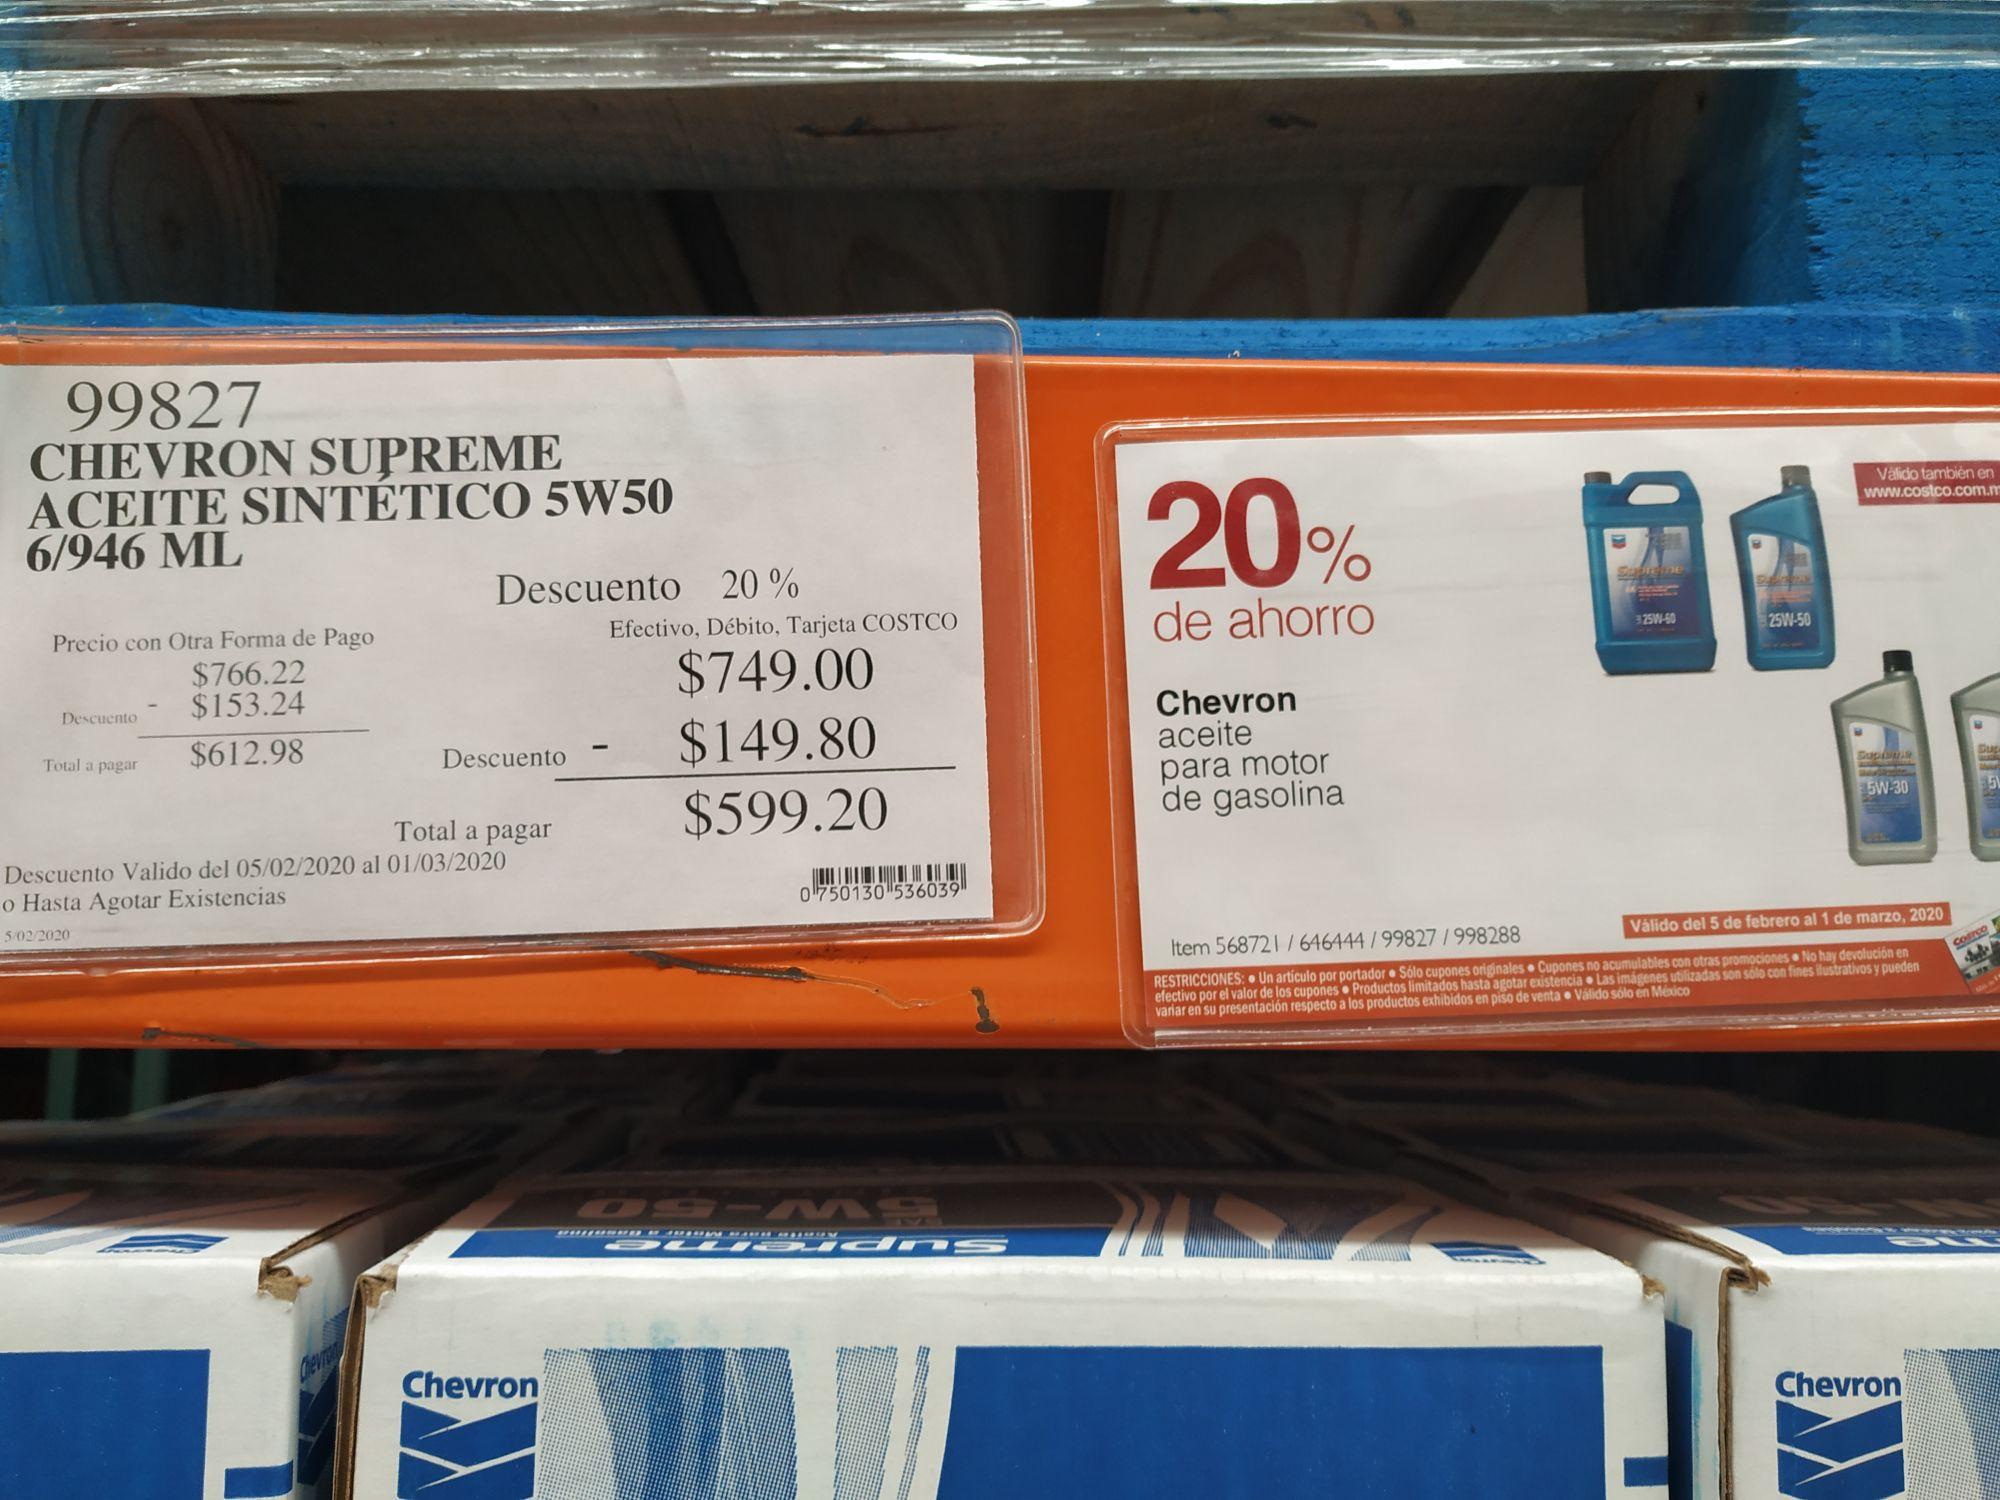 Costco: Aceite sintético Chevron 5w50 ó 5w30